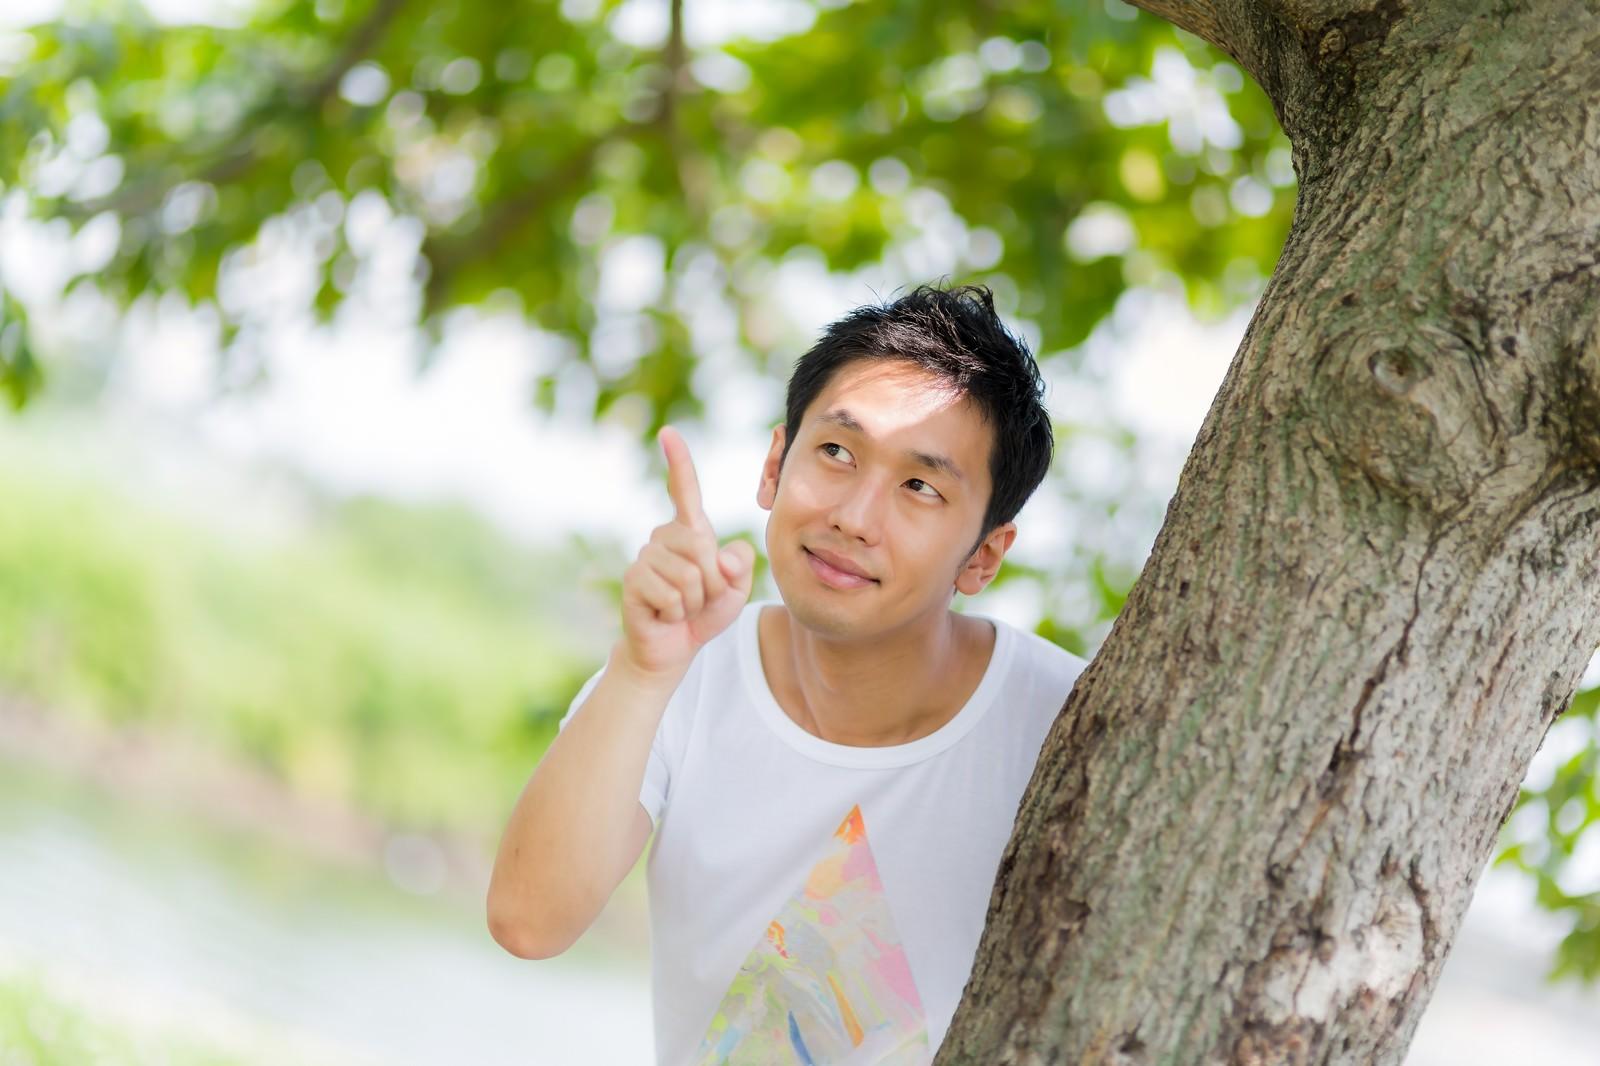 「木の陰からひょっこと現れて指をさす男性」の写真[モデル:大川竜弥]